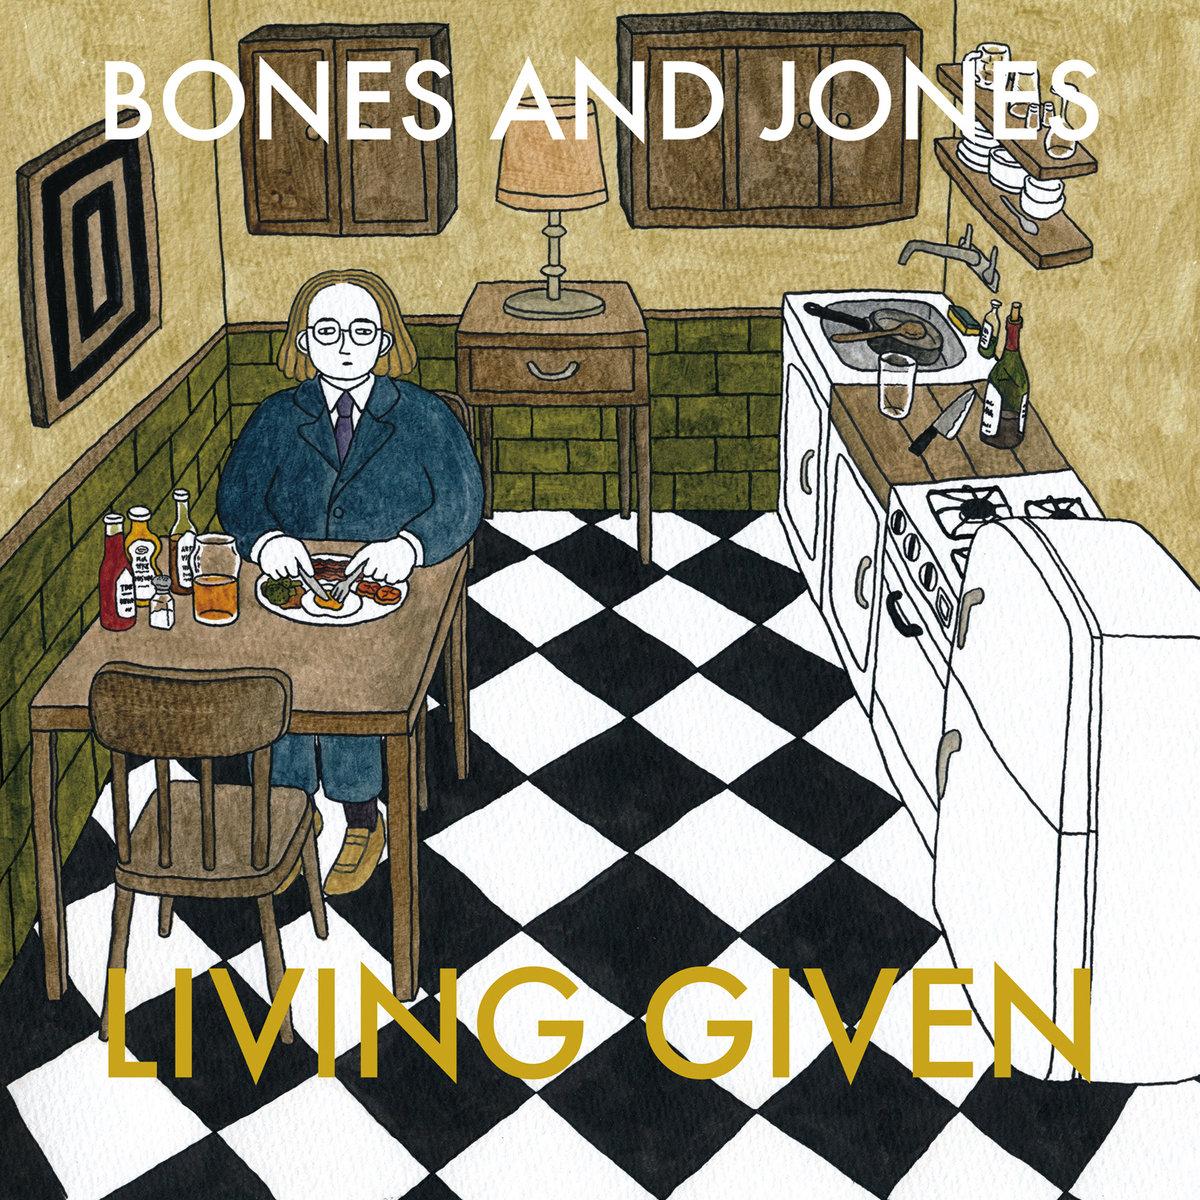 By Bones And Jones